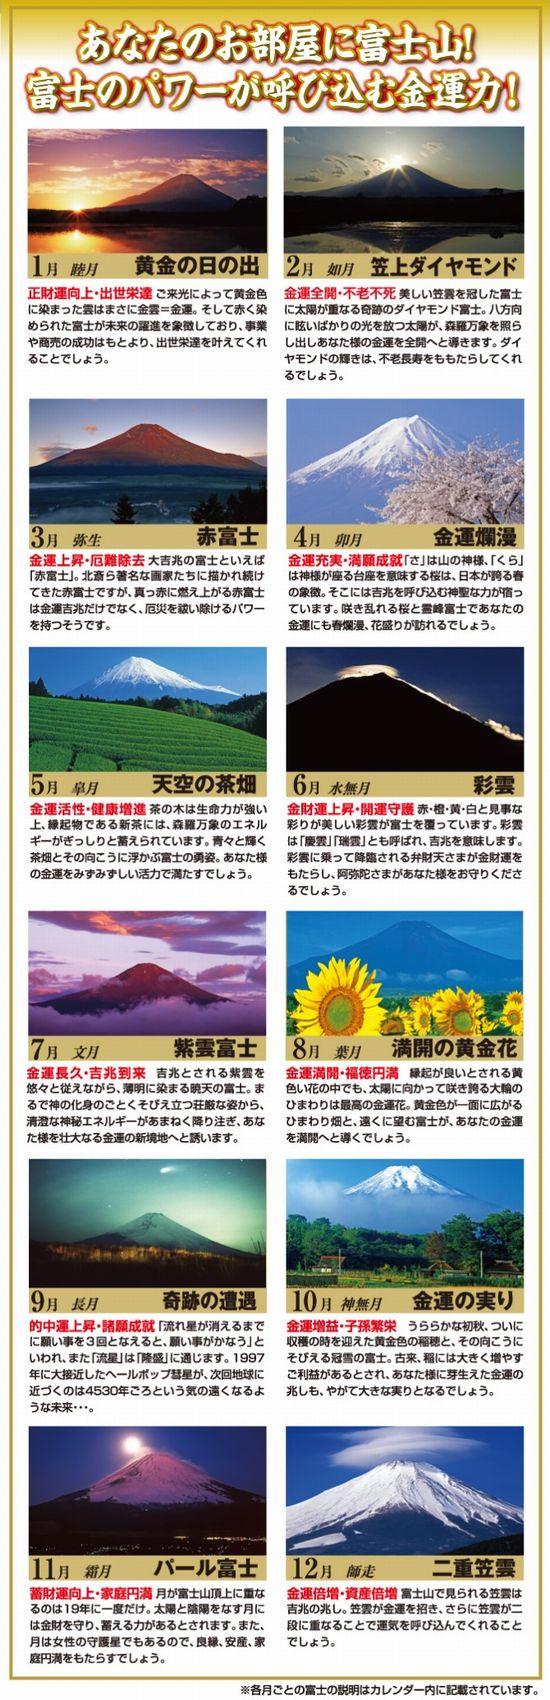 金運富士十二景カレンダー2015.jpg